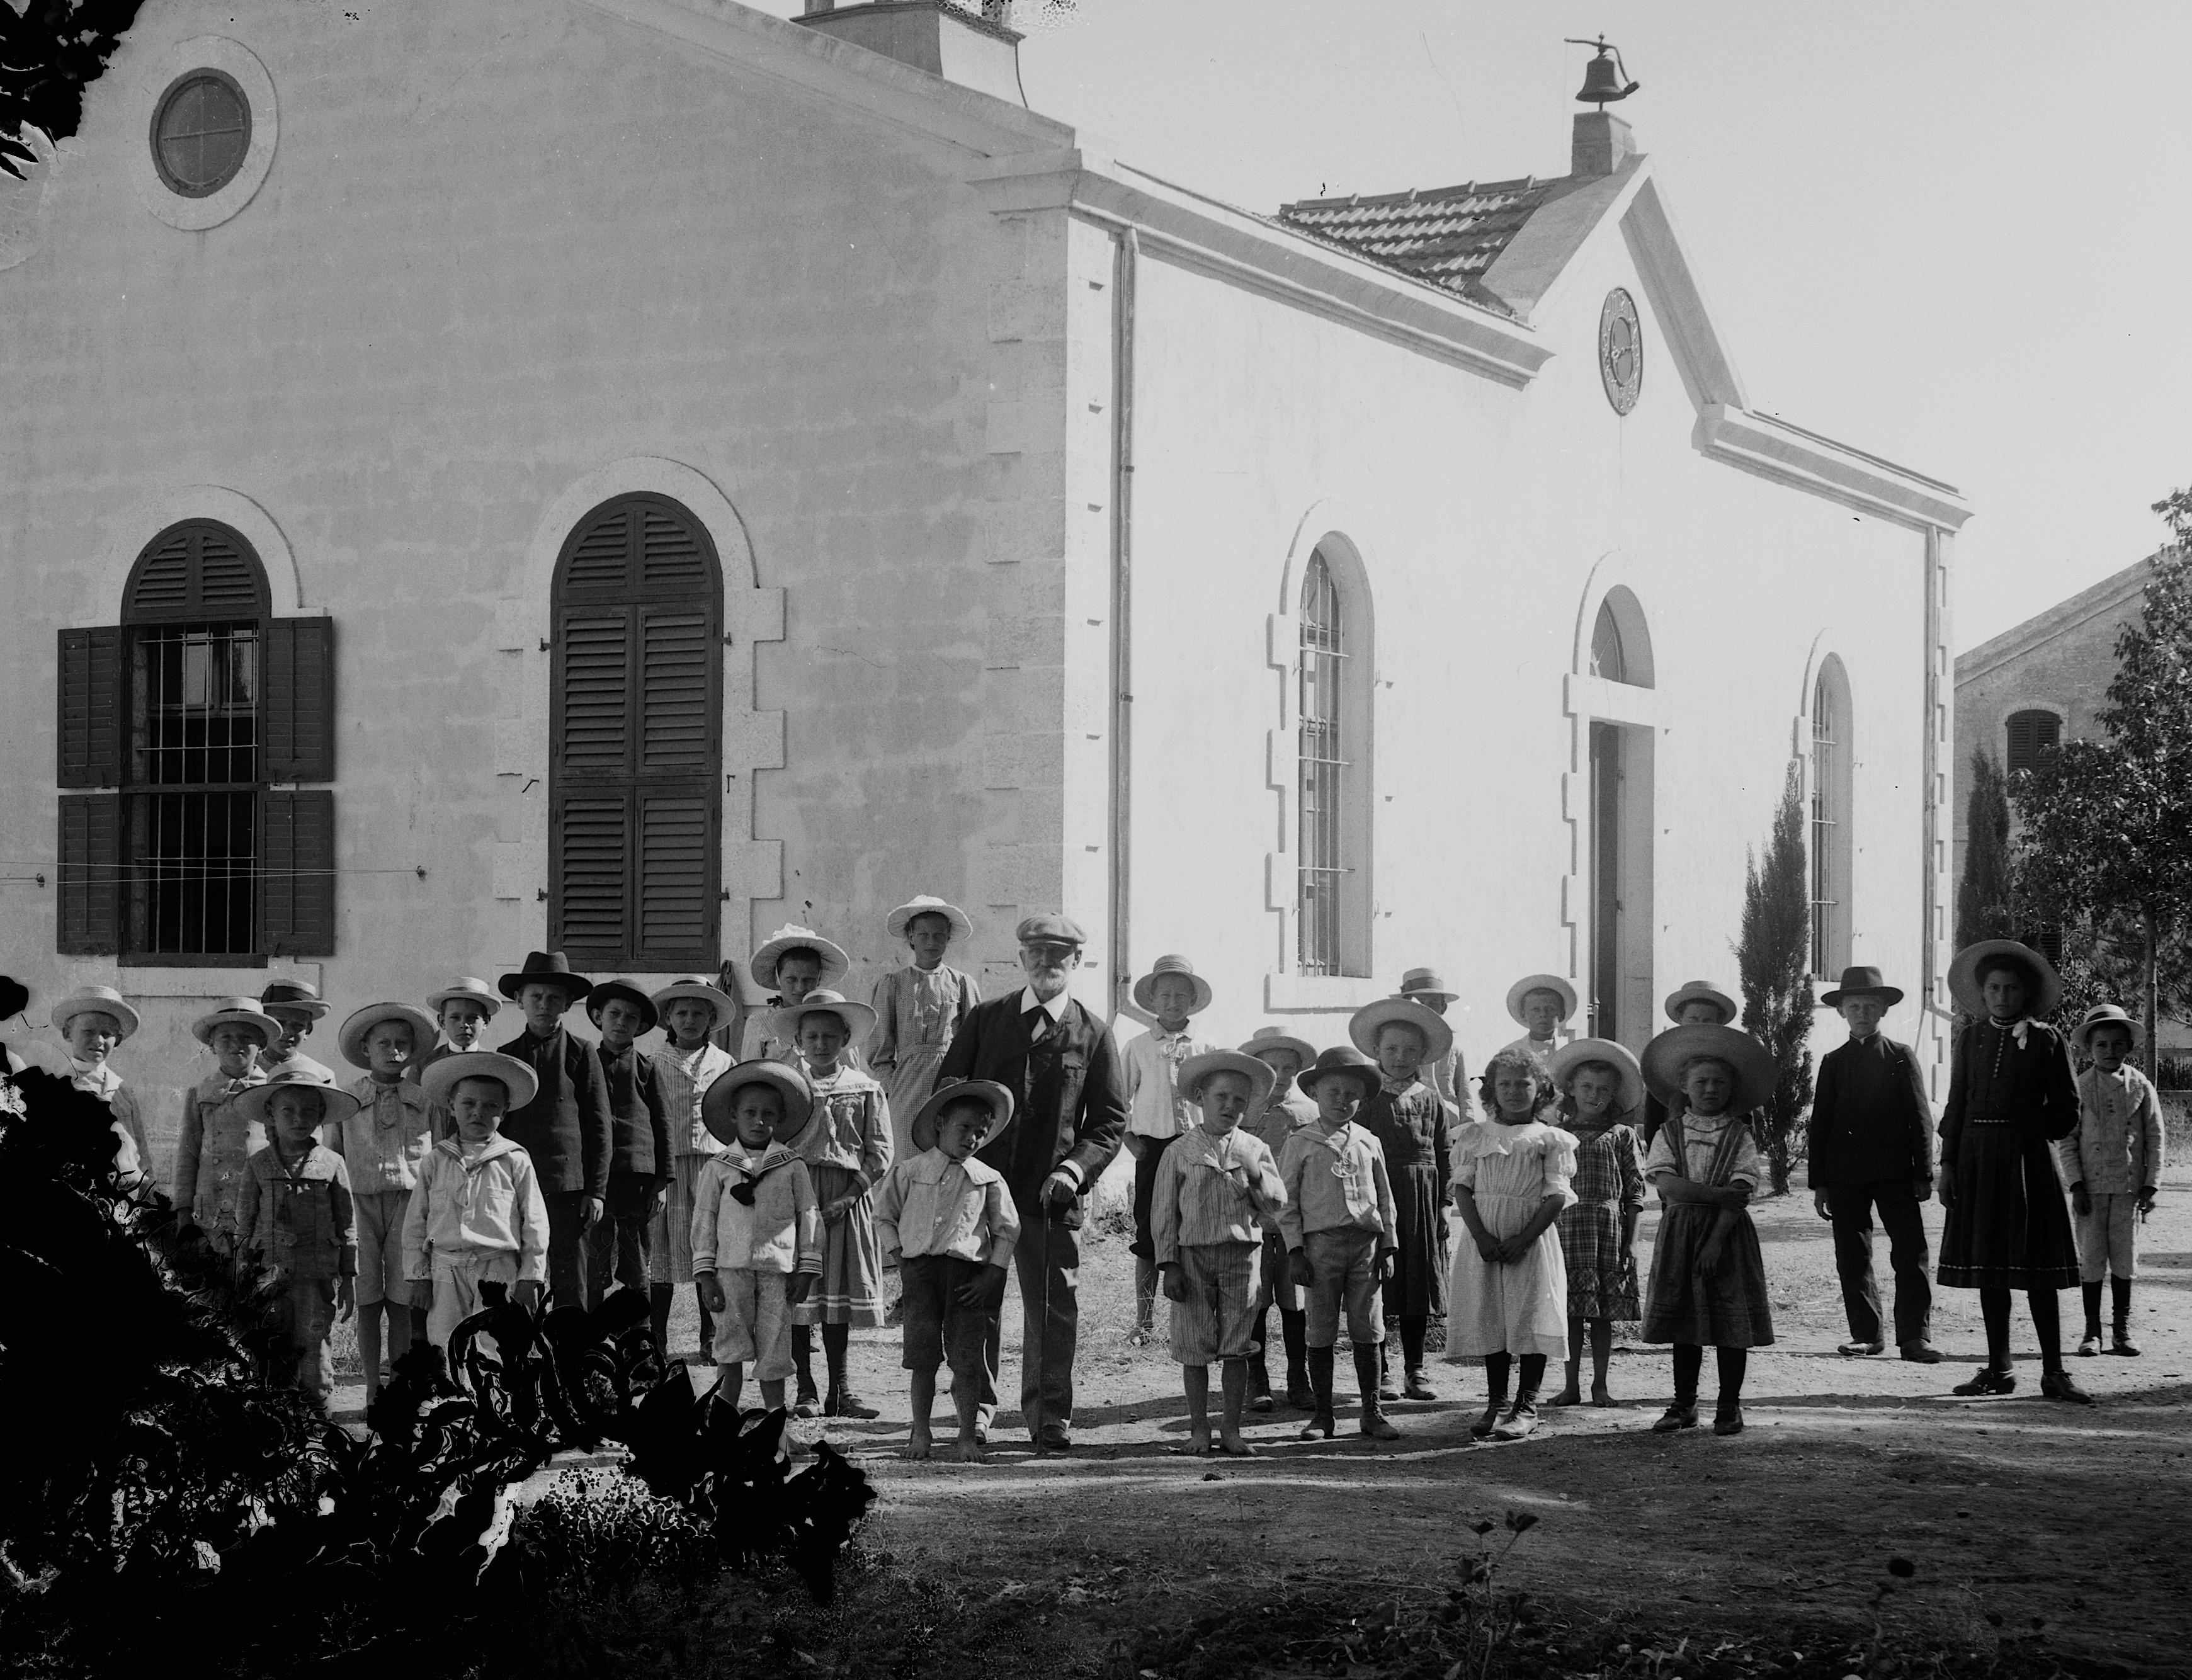 טמפלרים לצד בית העם, וילהלמה (היום מושב בני עטרות, צילום: Library of Congress)